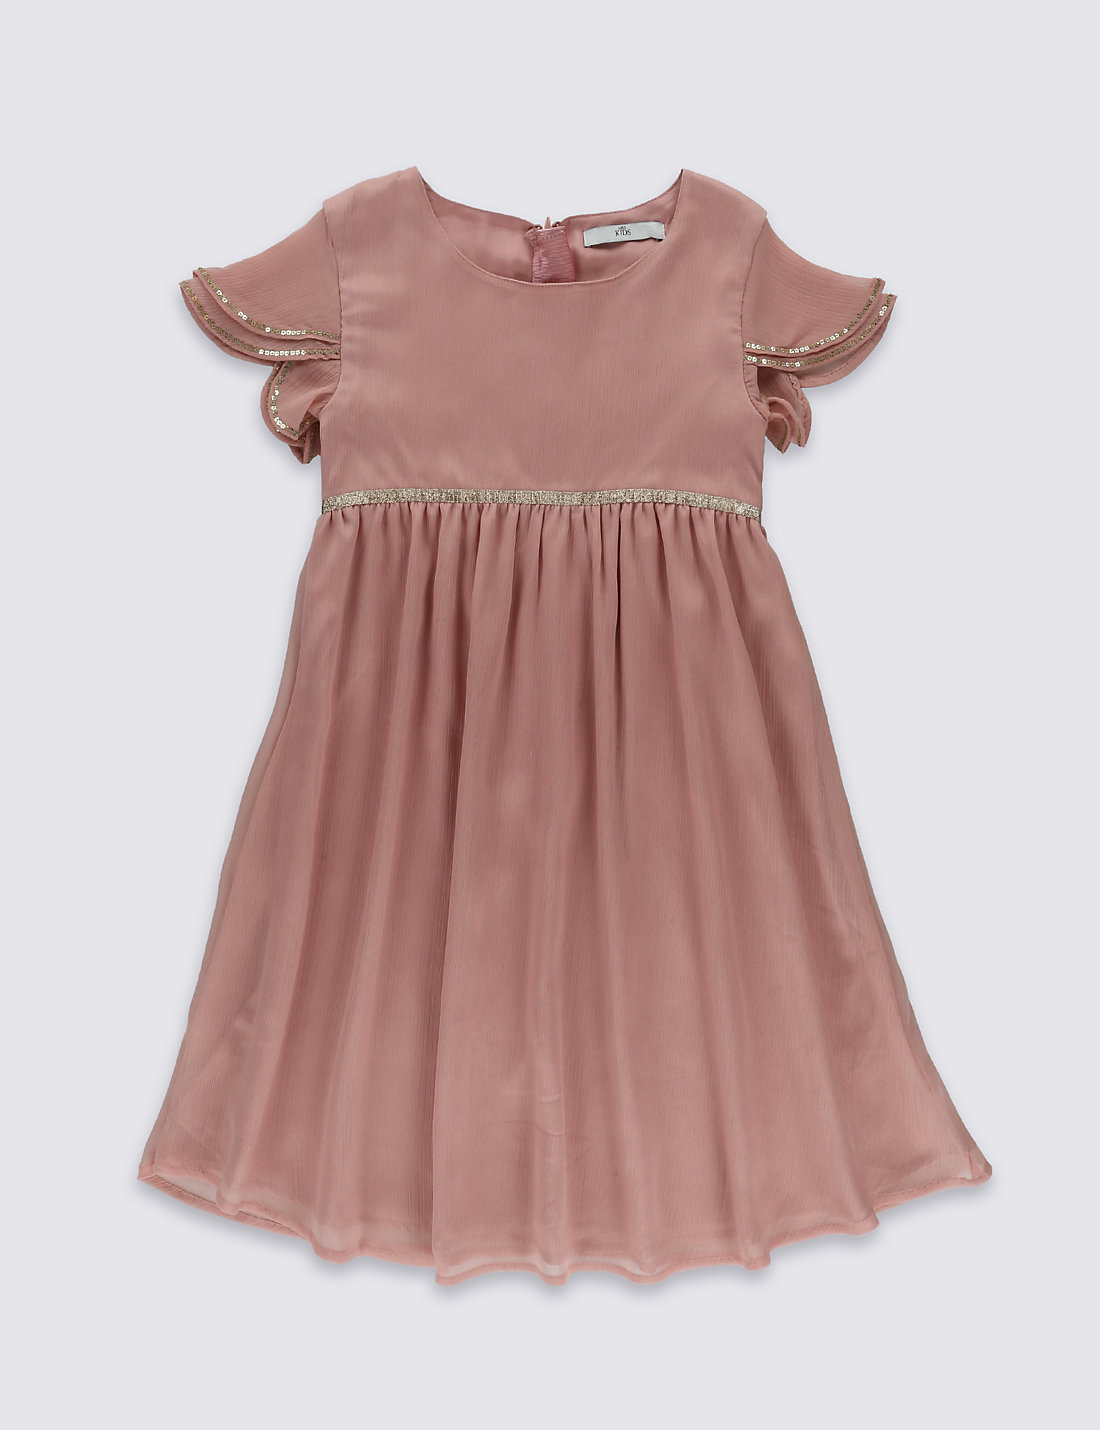 Chiffon Dress at M&S